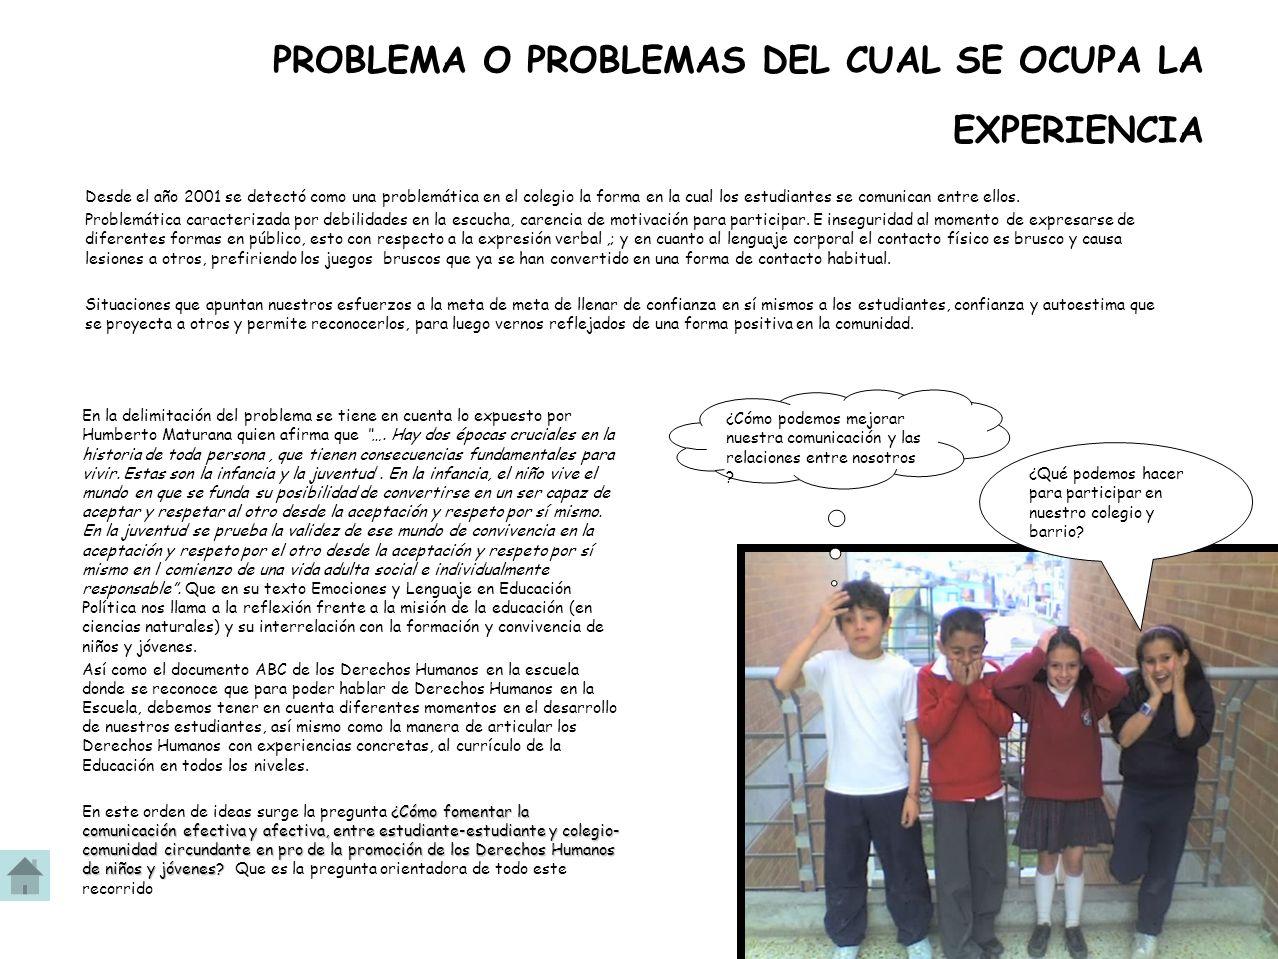 PROBLEMA O PROBLEMAS DEL CUAL SE OCUPA LA EXPERIENCIA Desde el año 2001 se detectó como una problemática en el colegio la forma en la cual los estudiantes se comunican entre ellos.